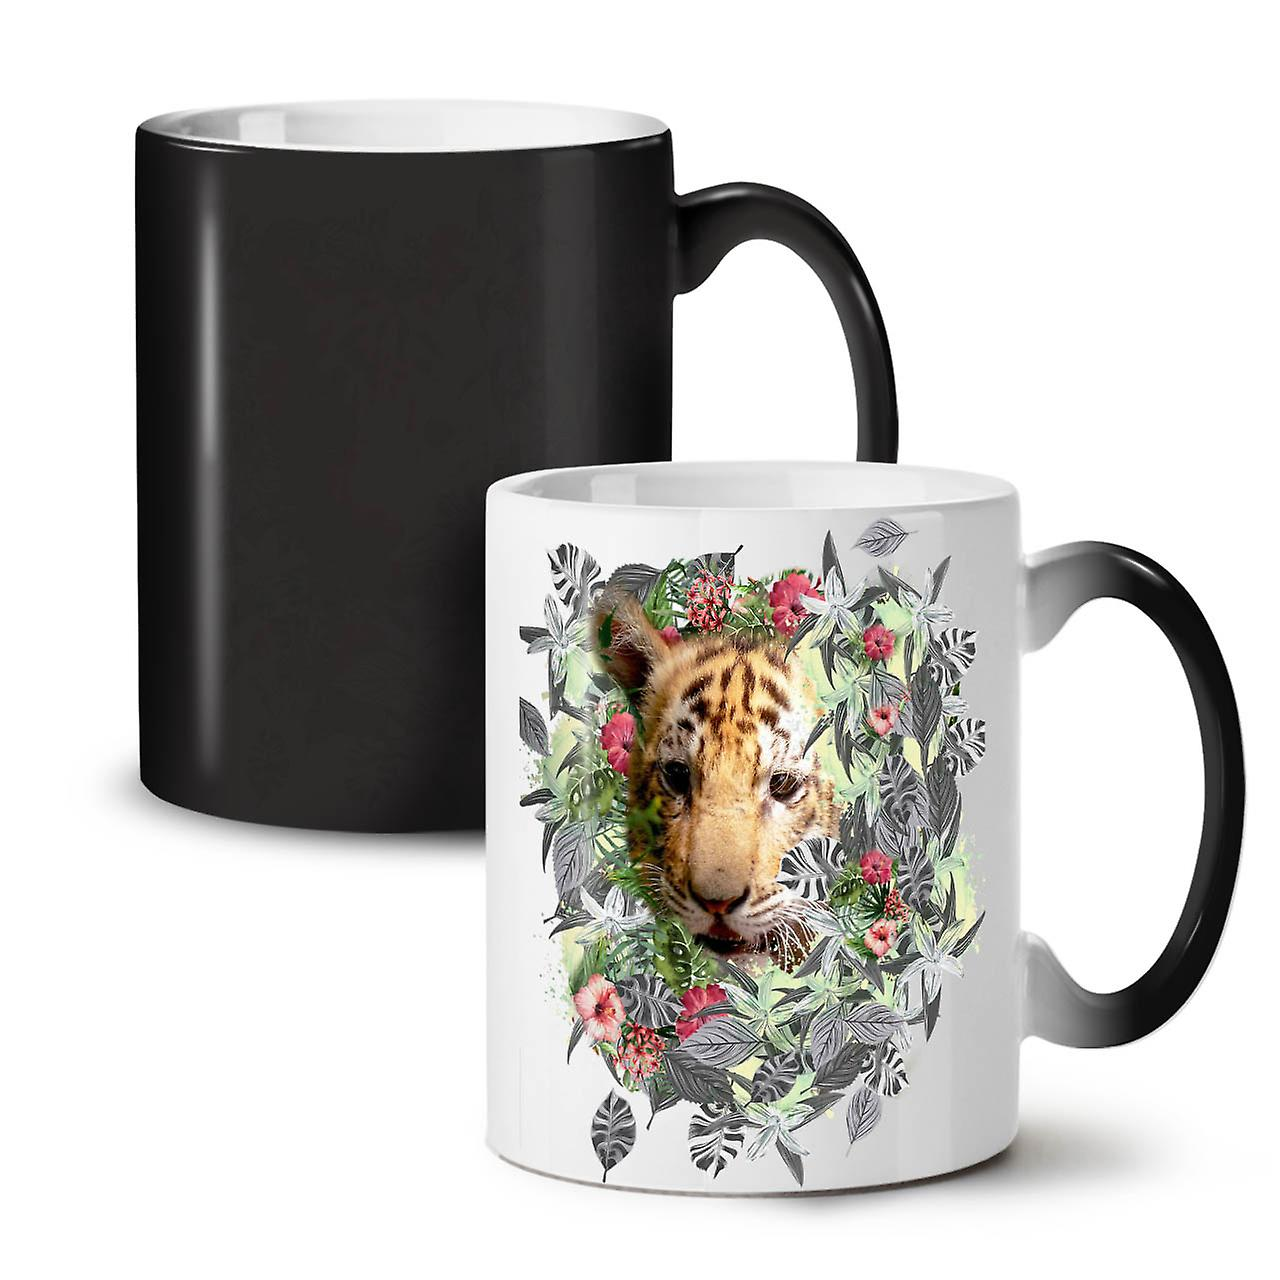 Céramique Animal Changeant Nature Coloris Tigre 11 Nouveau OzWellcoda Thé Tasse Noir Mignon Café hQoCdBtrsx